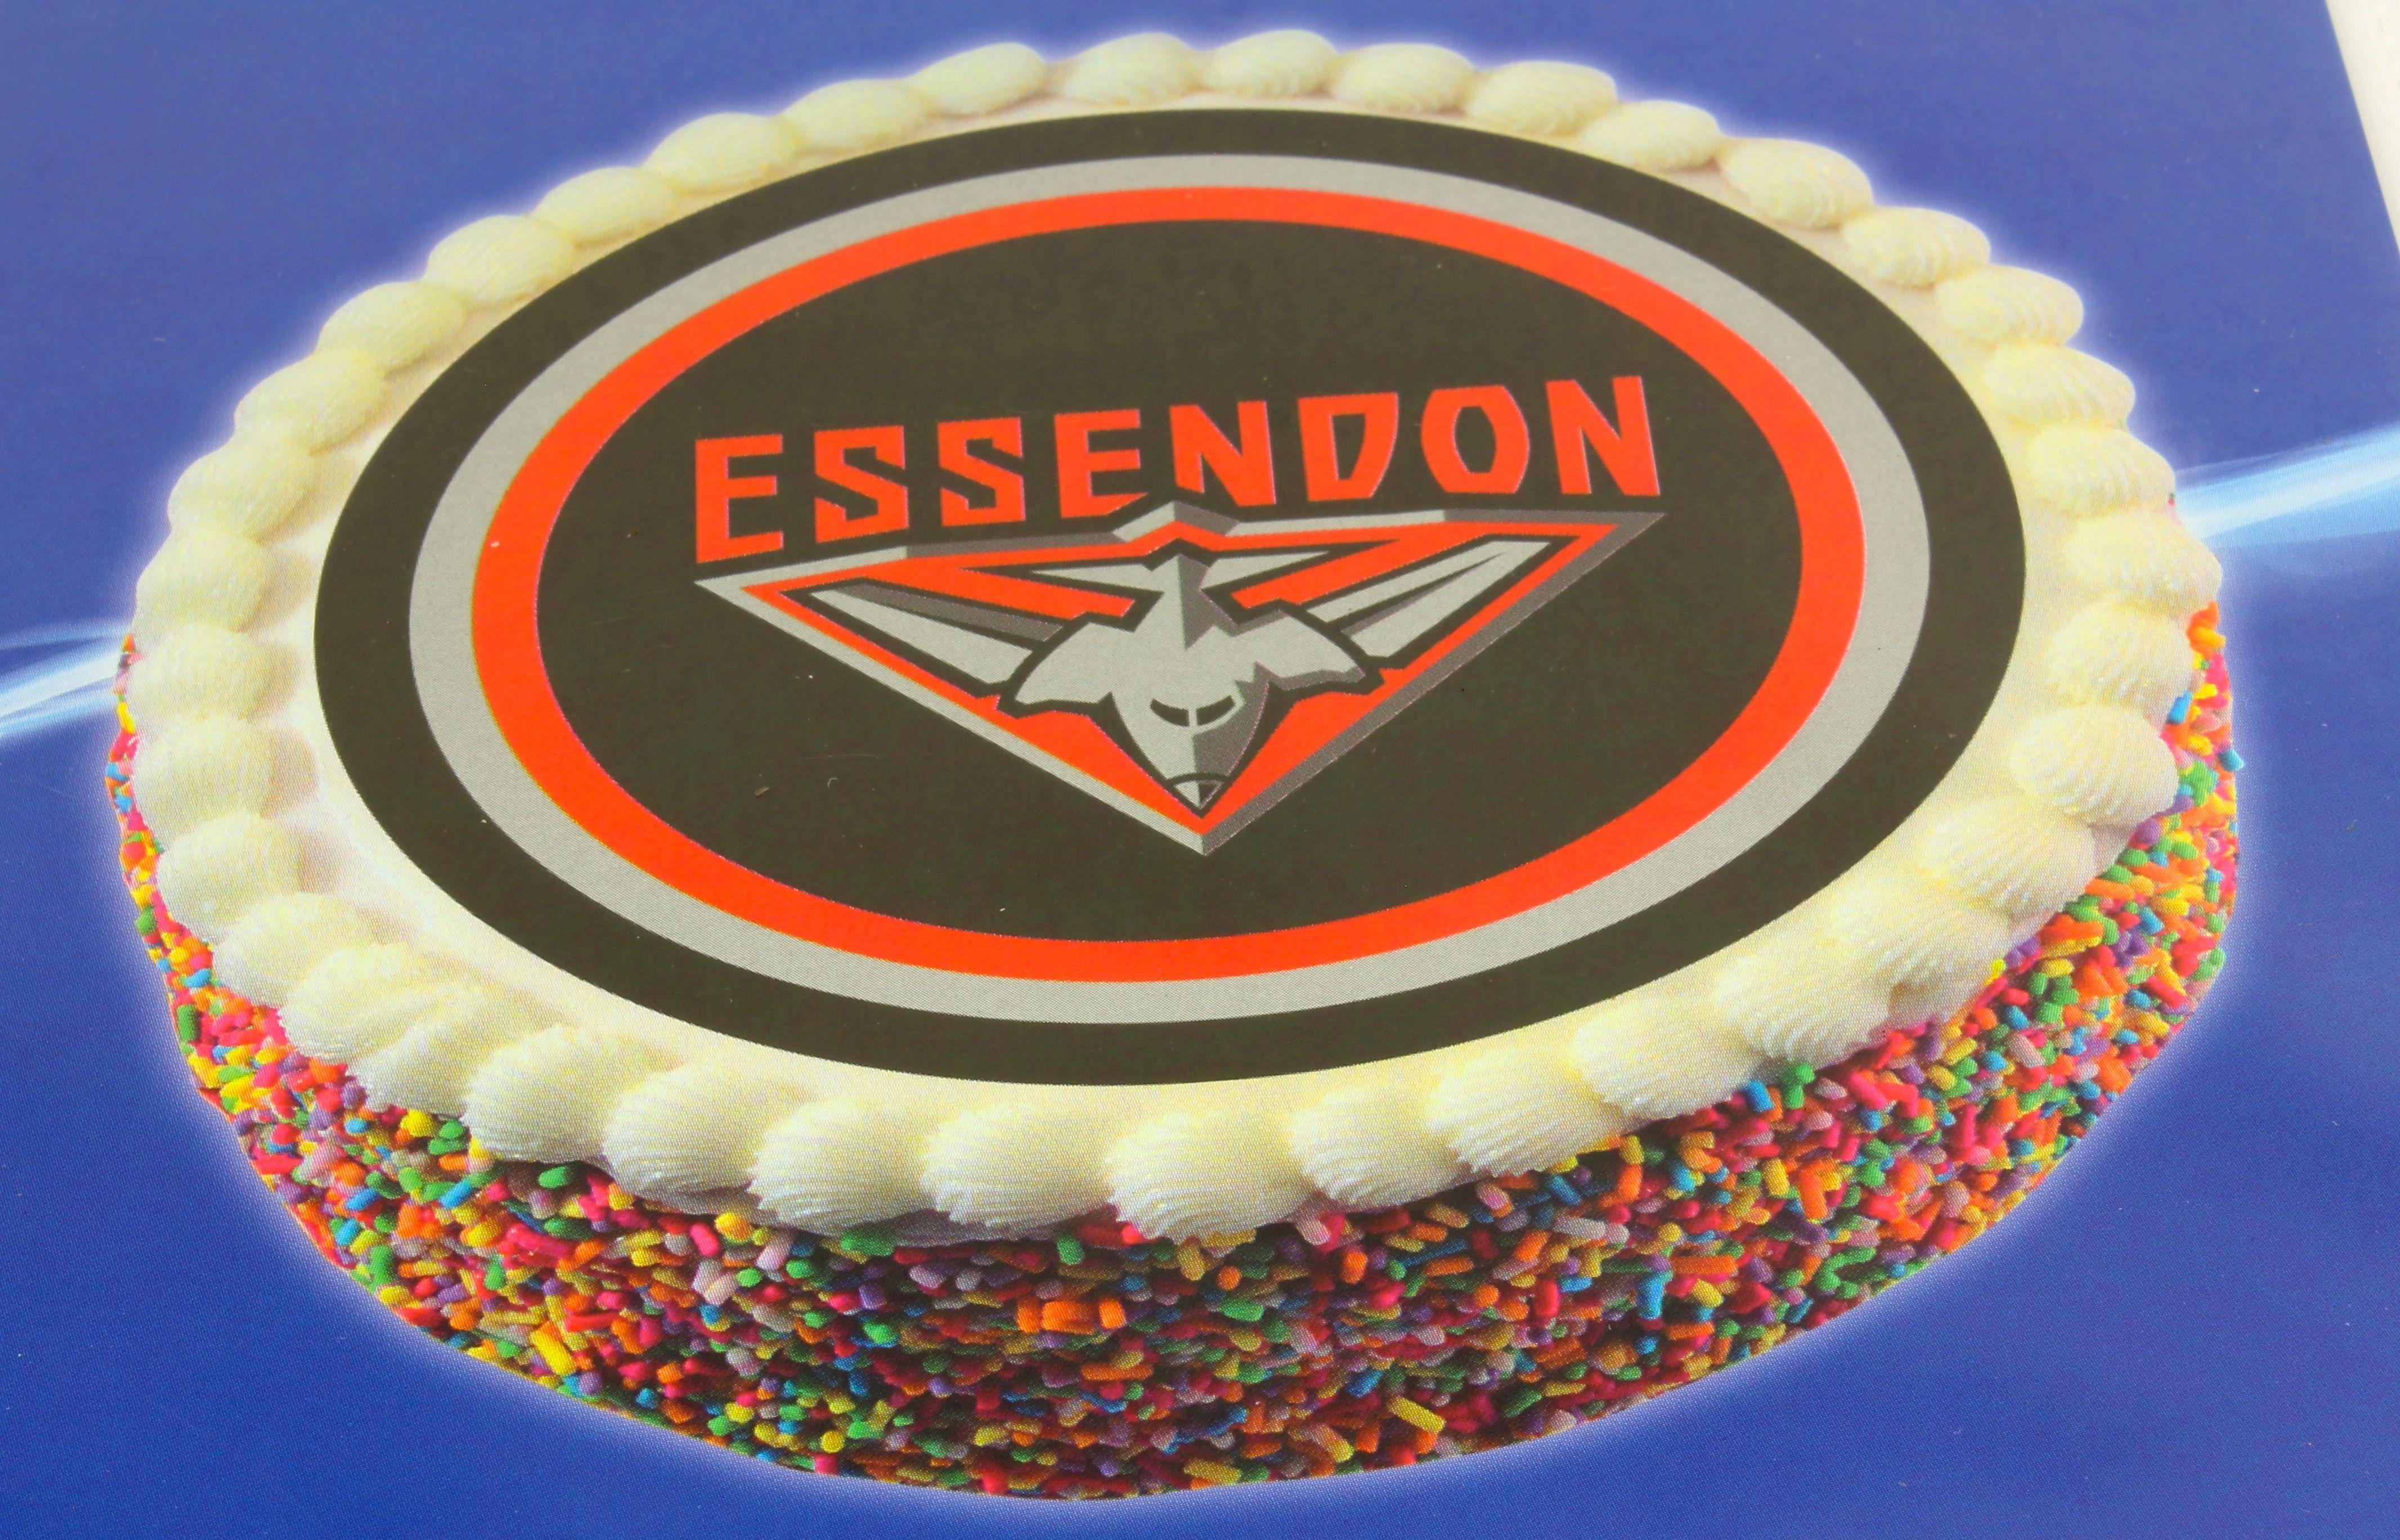 Essendon Cake Topper